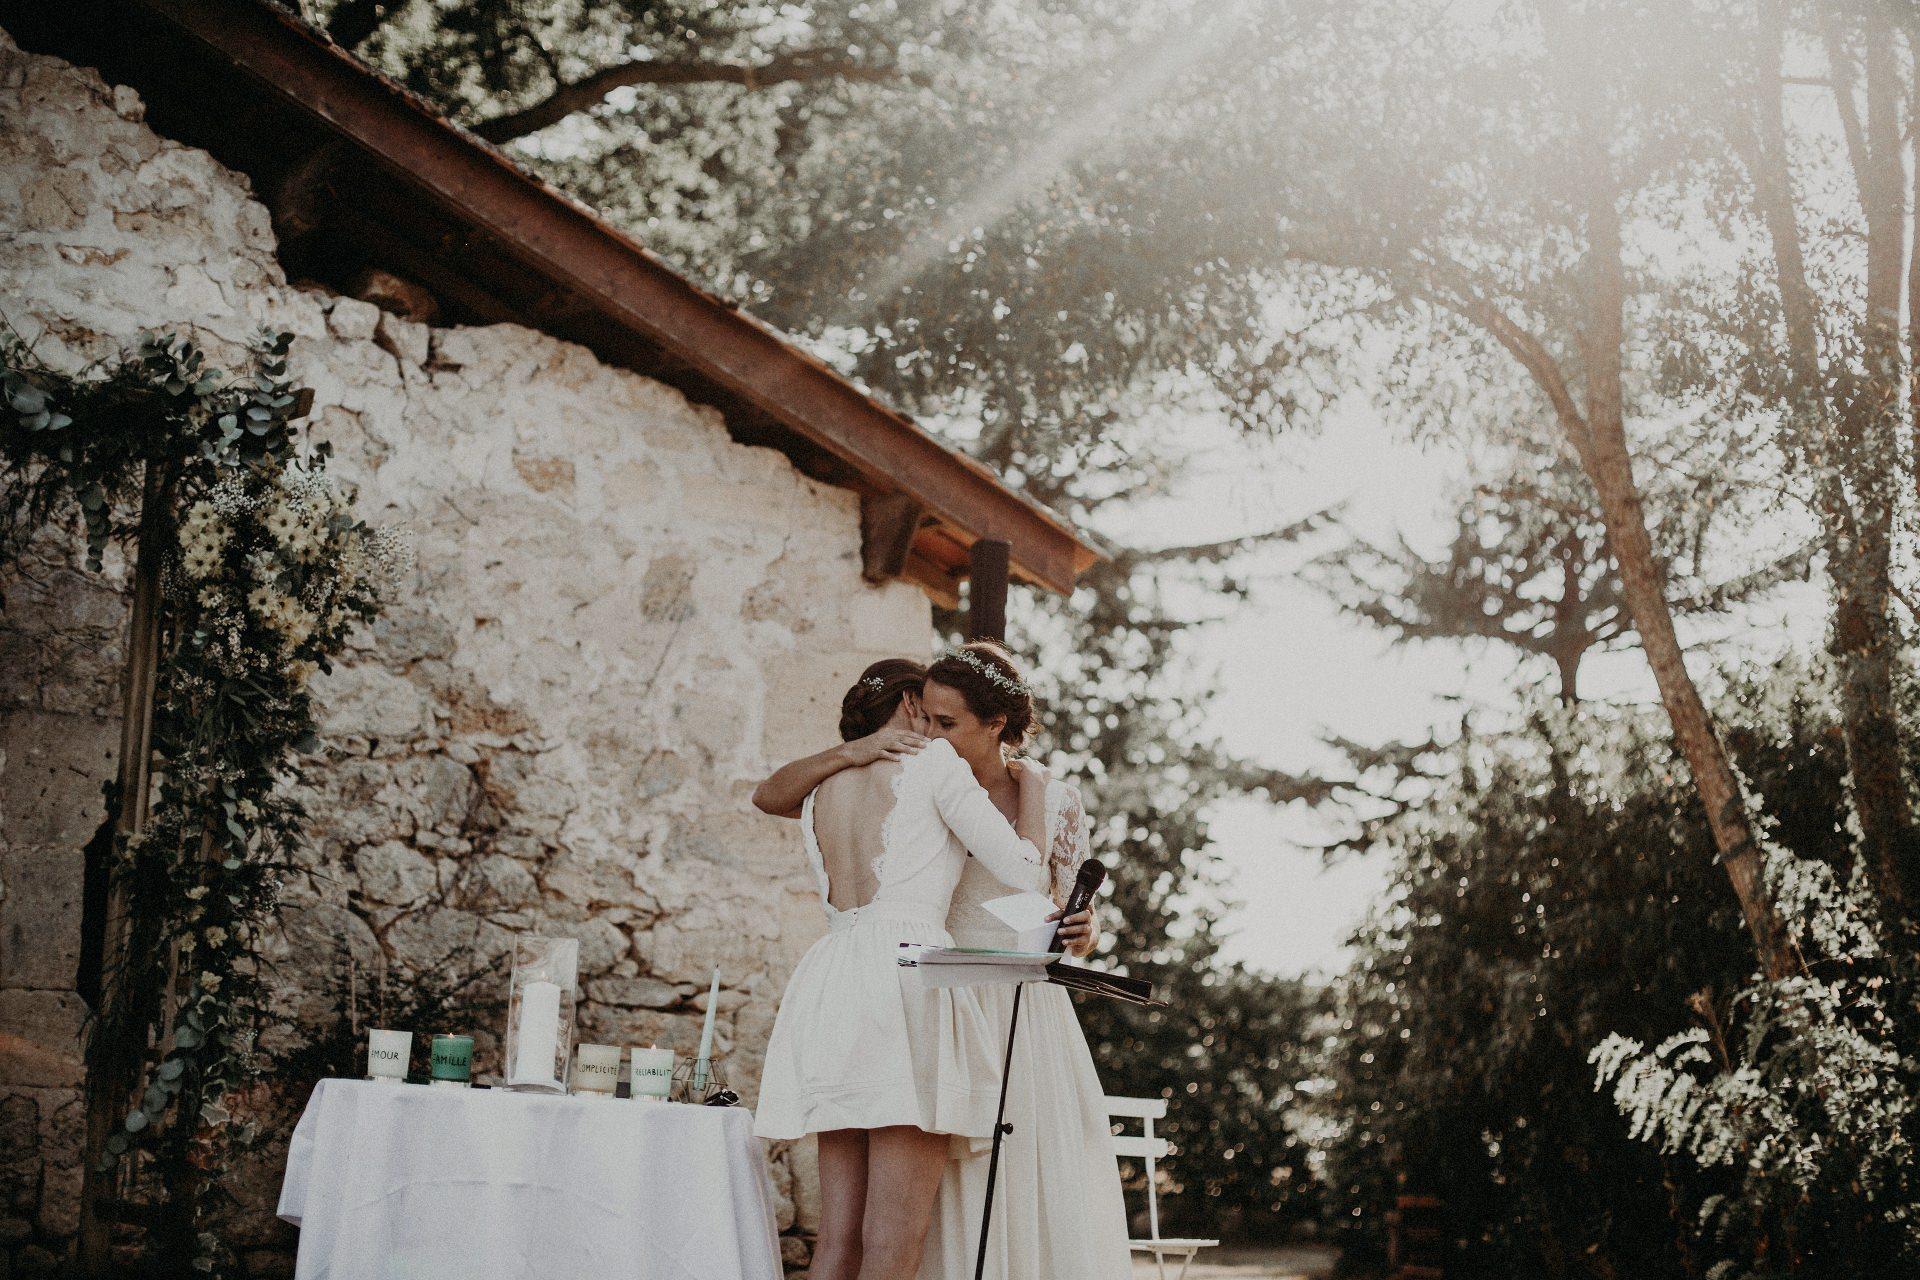 photographe-mariage-bordeaux-46.jpg